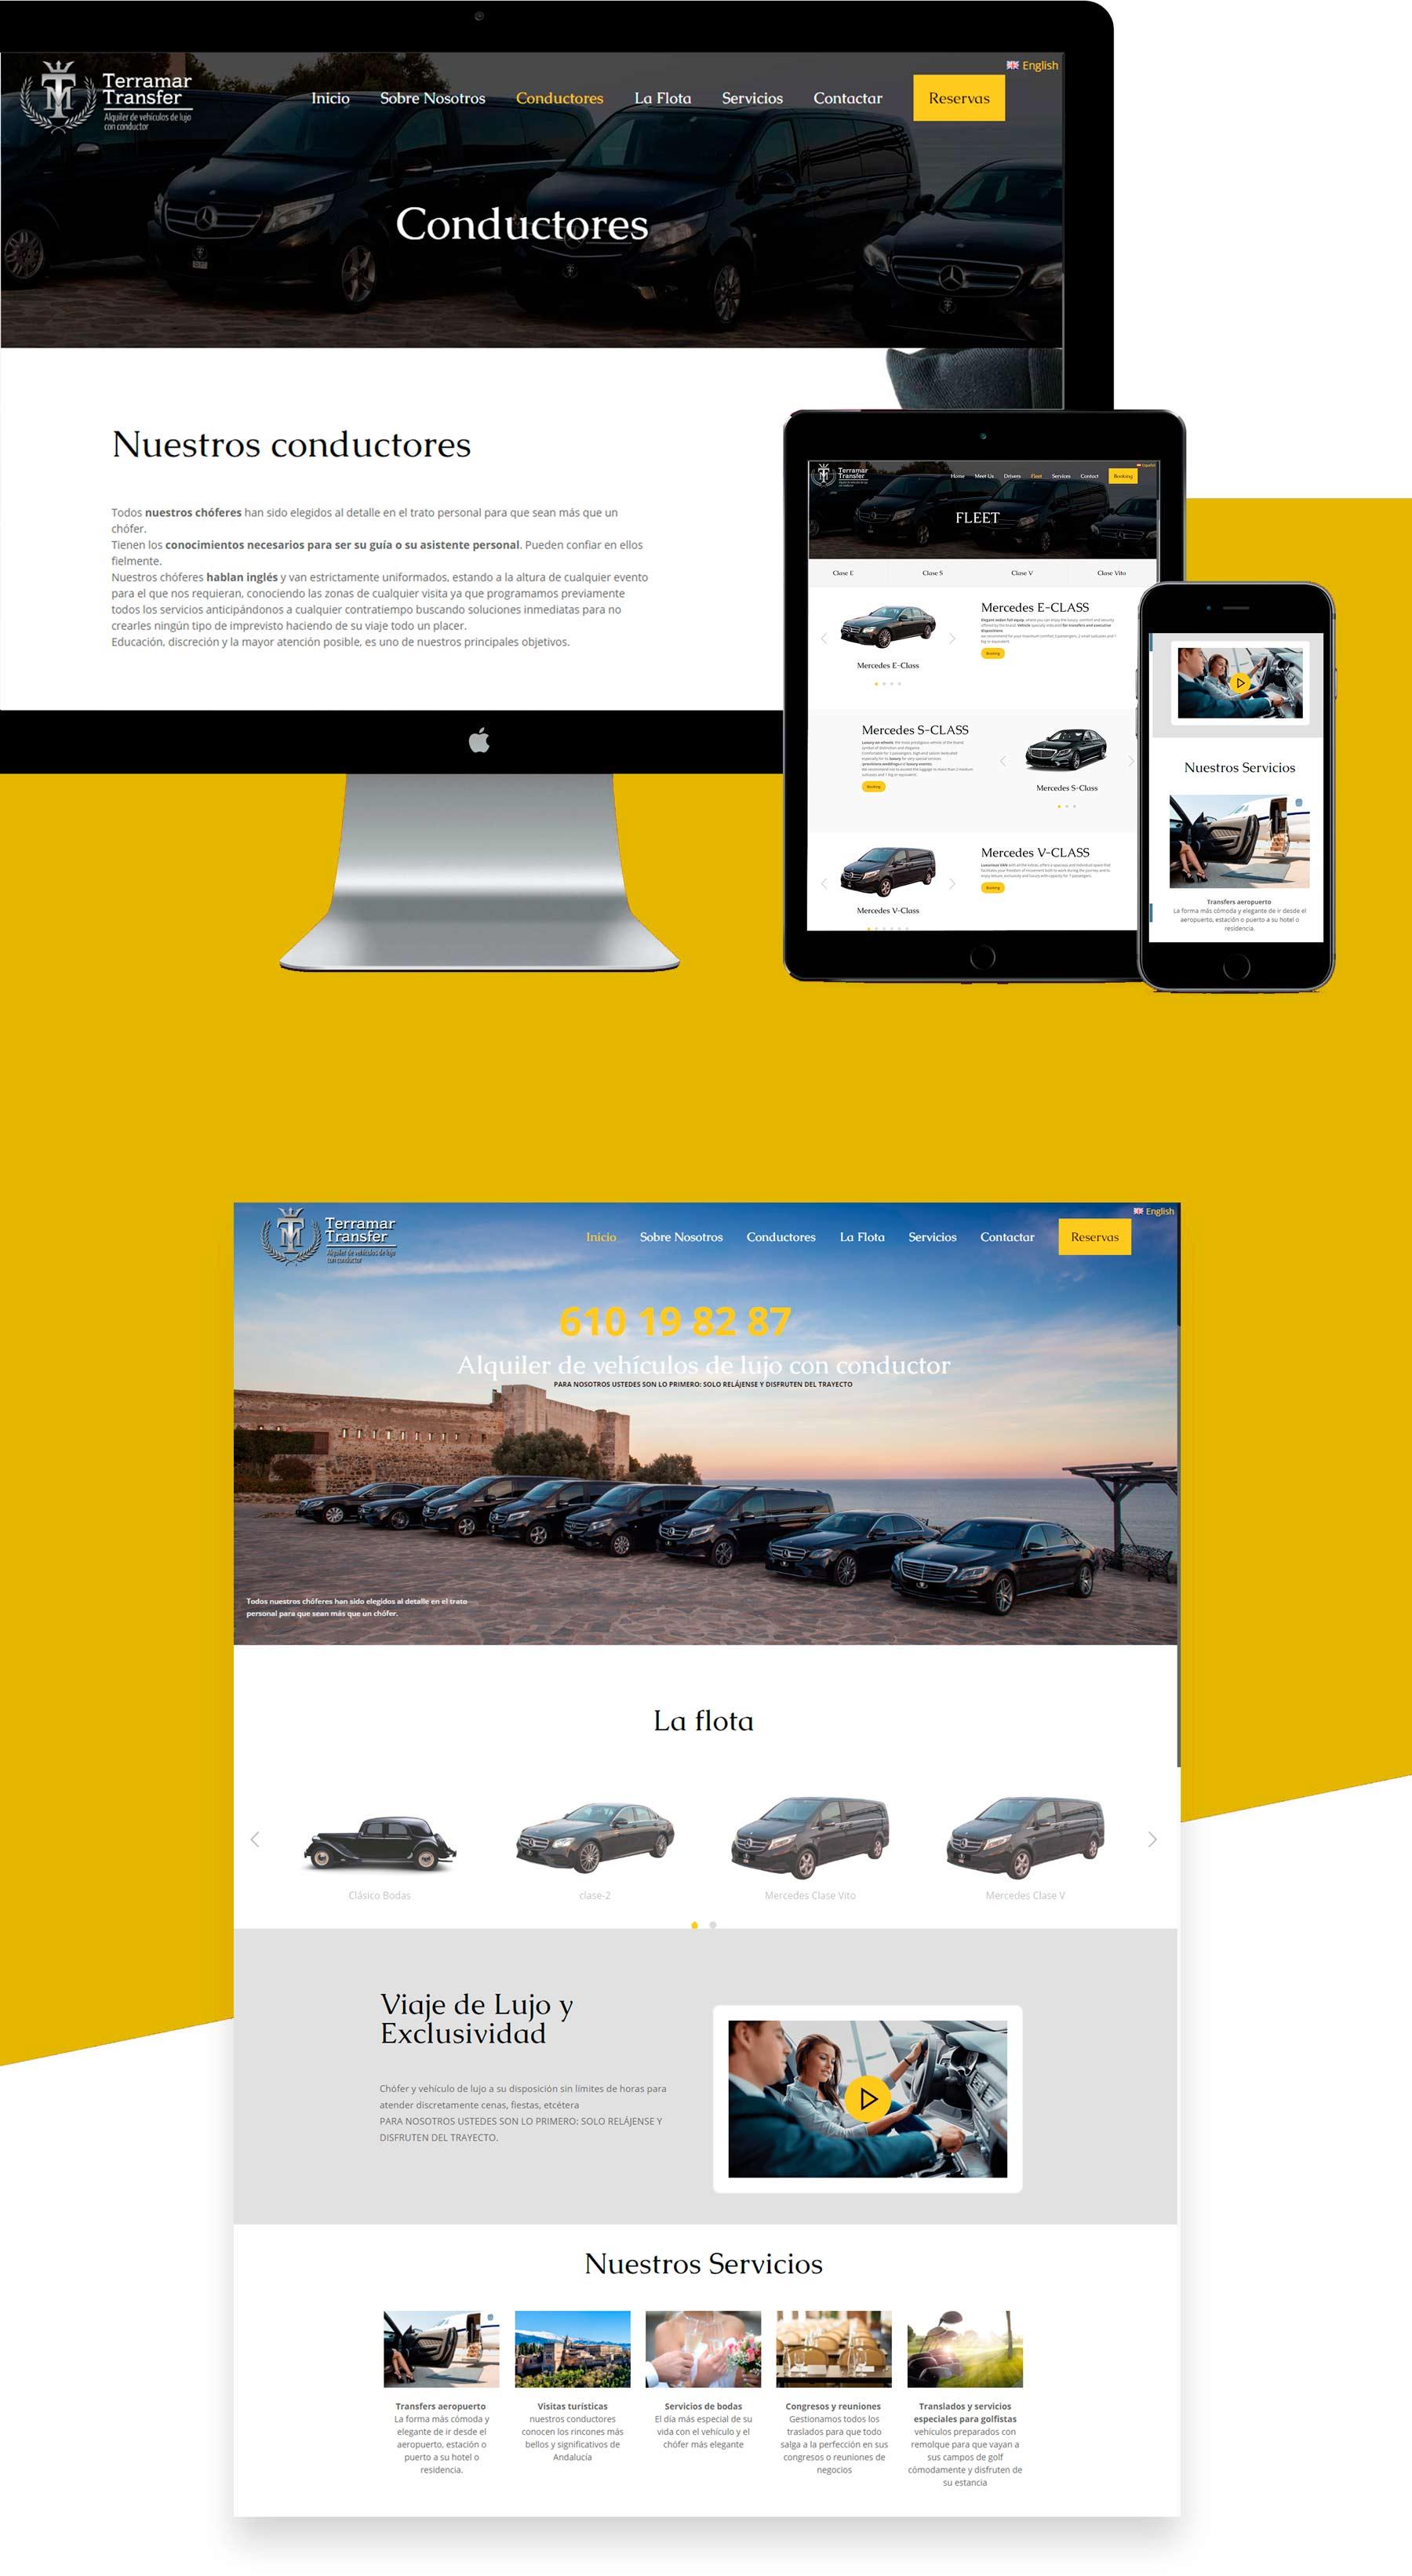 diseño web alquiler de coche con conductor o chofer en Málaga Benalmadena